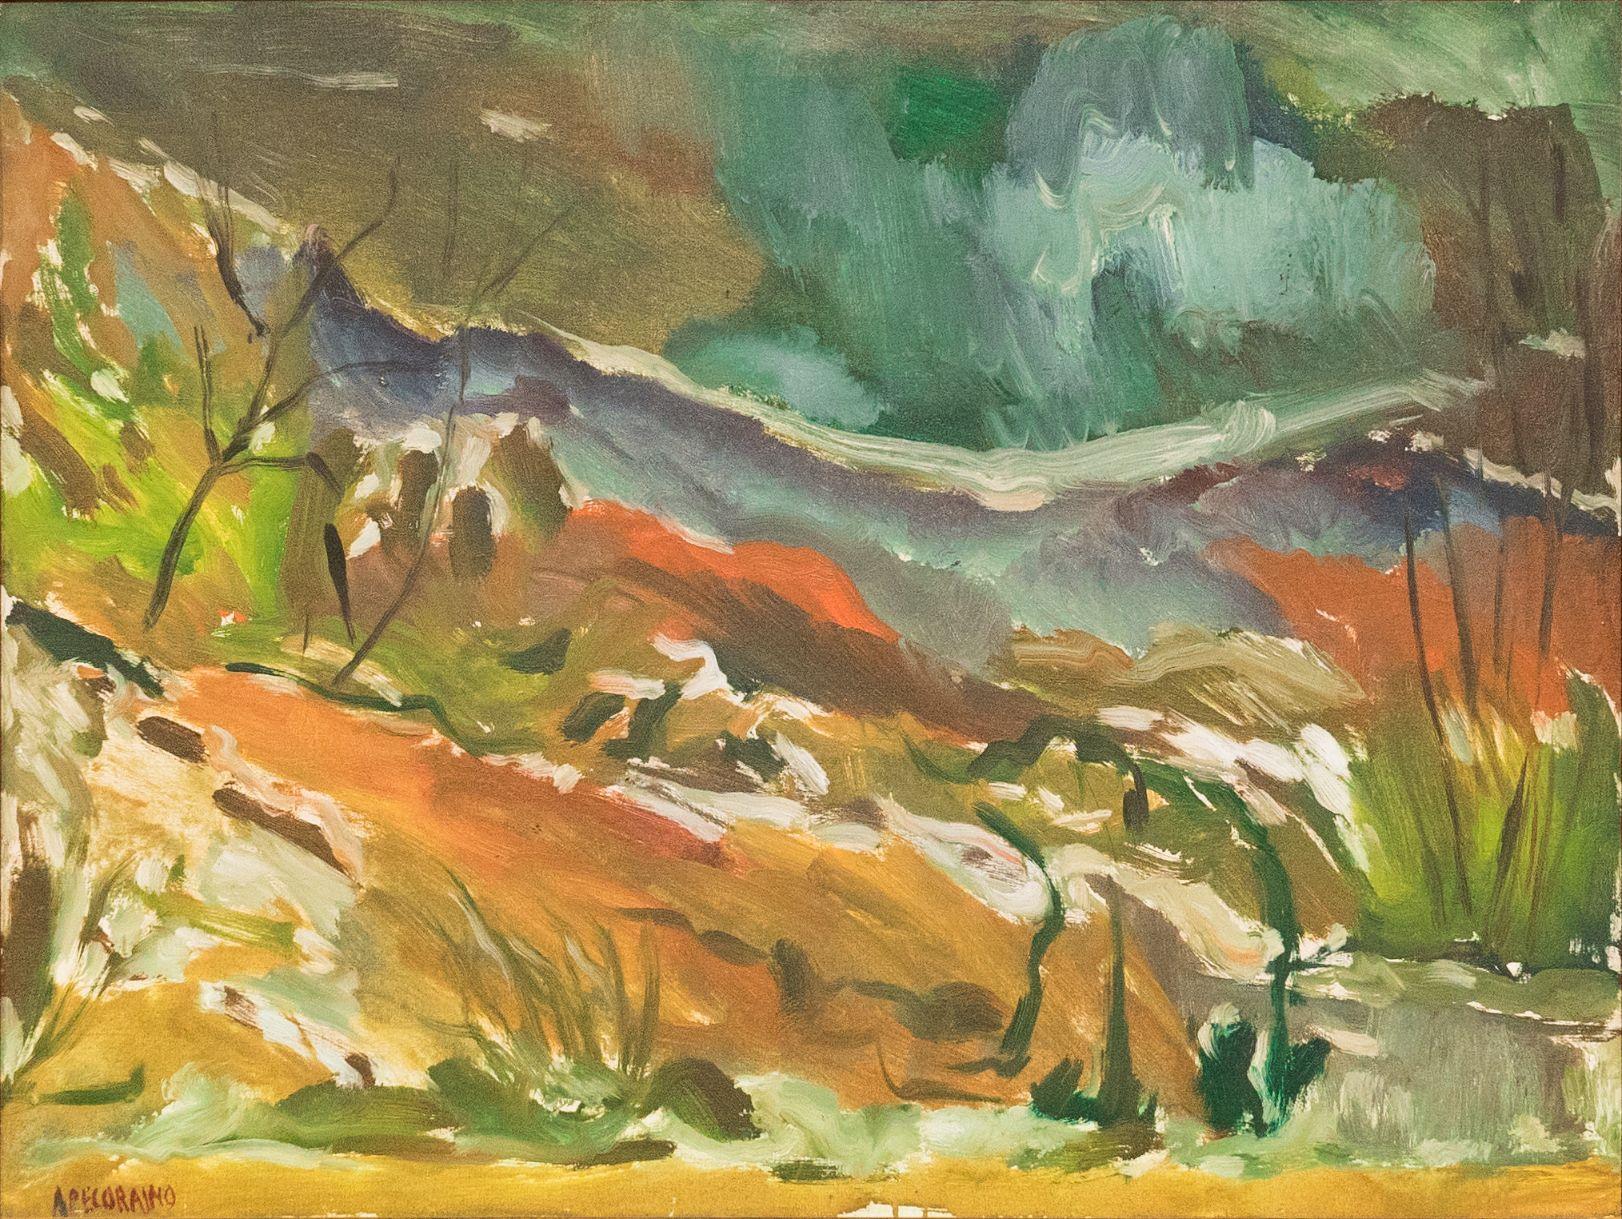 Aldo Pecoraino, Paesaggio, 1962.